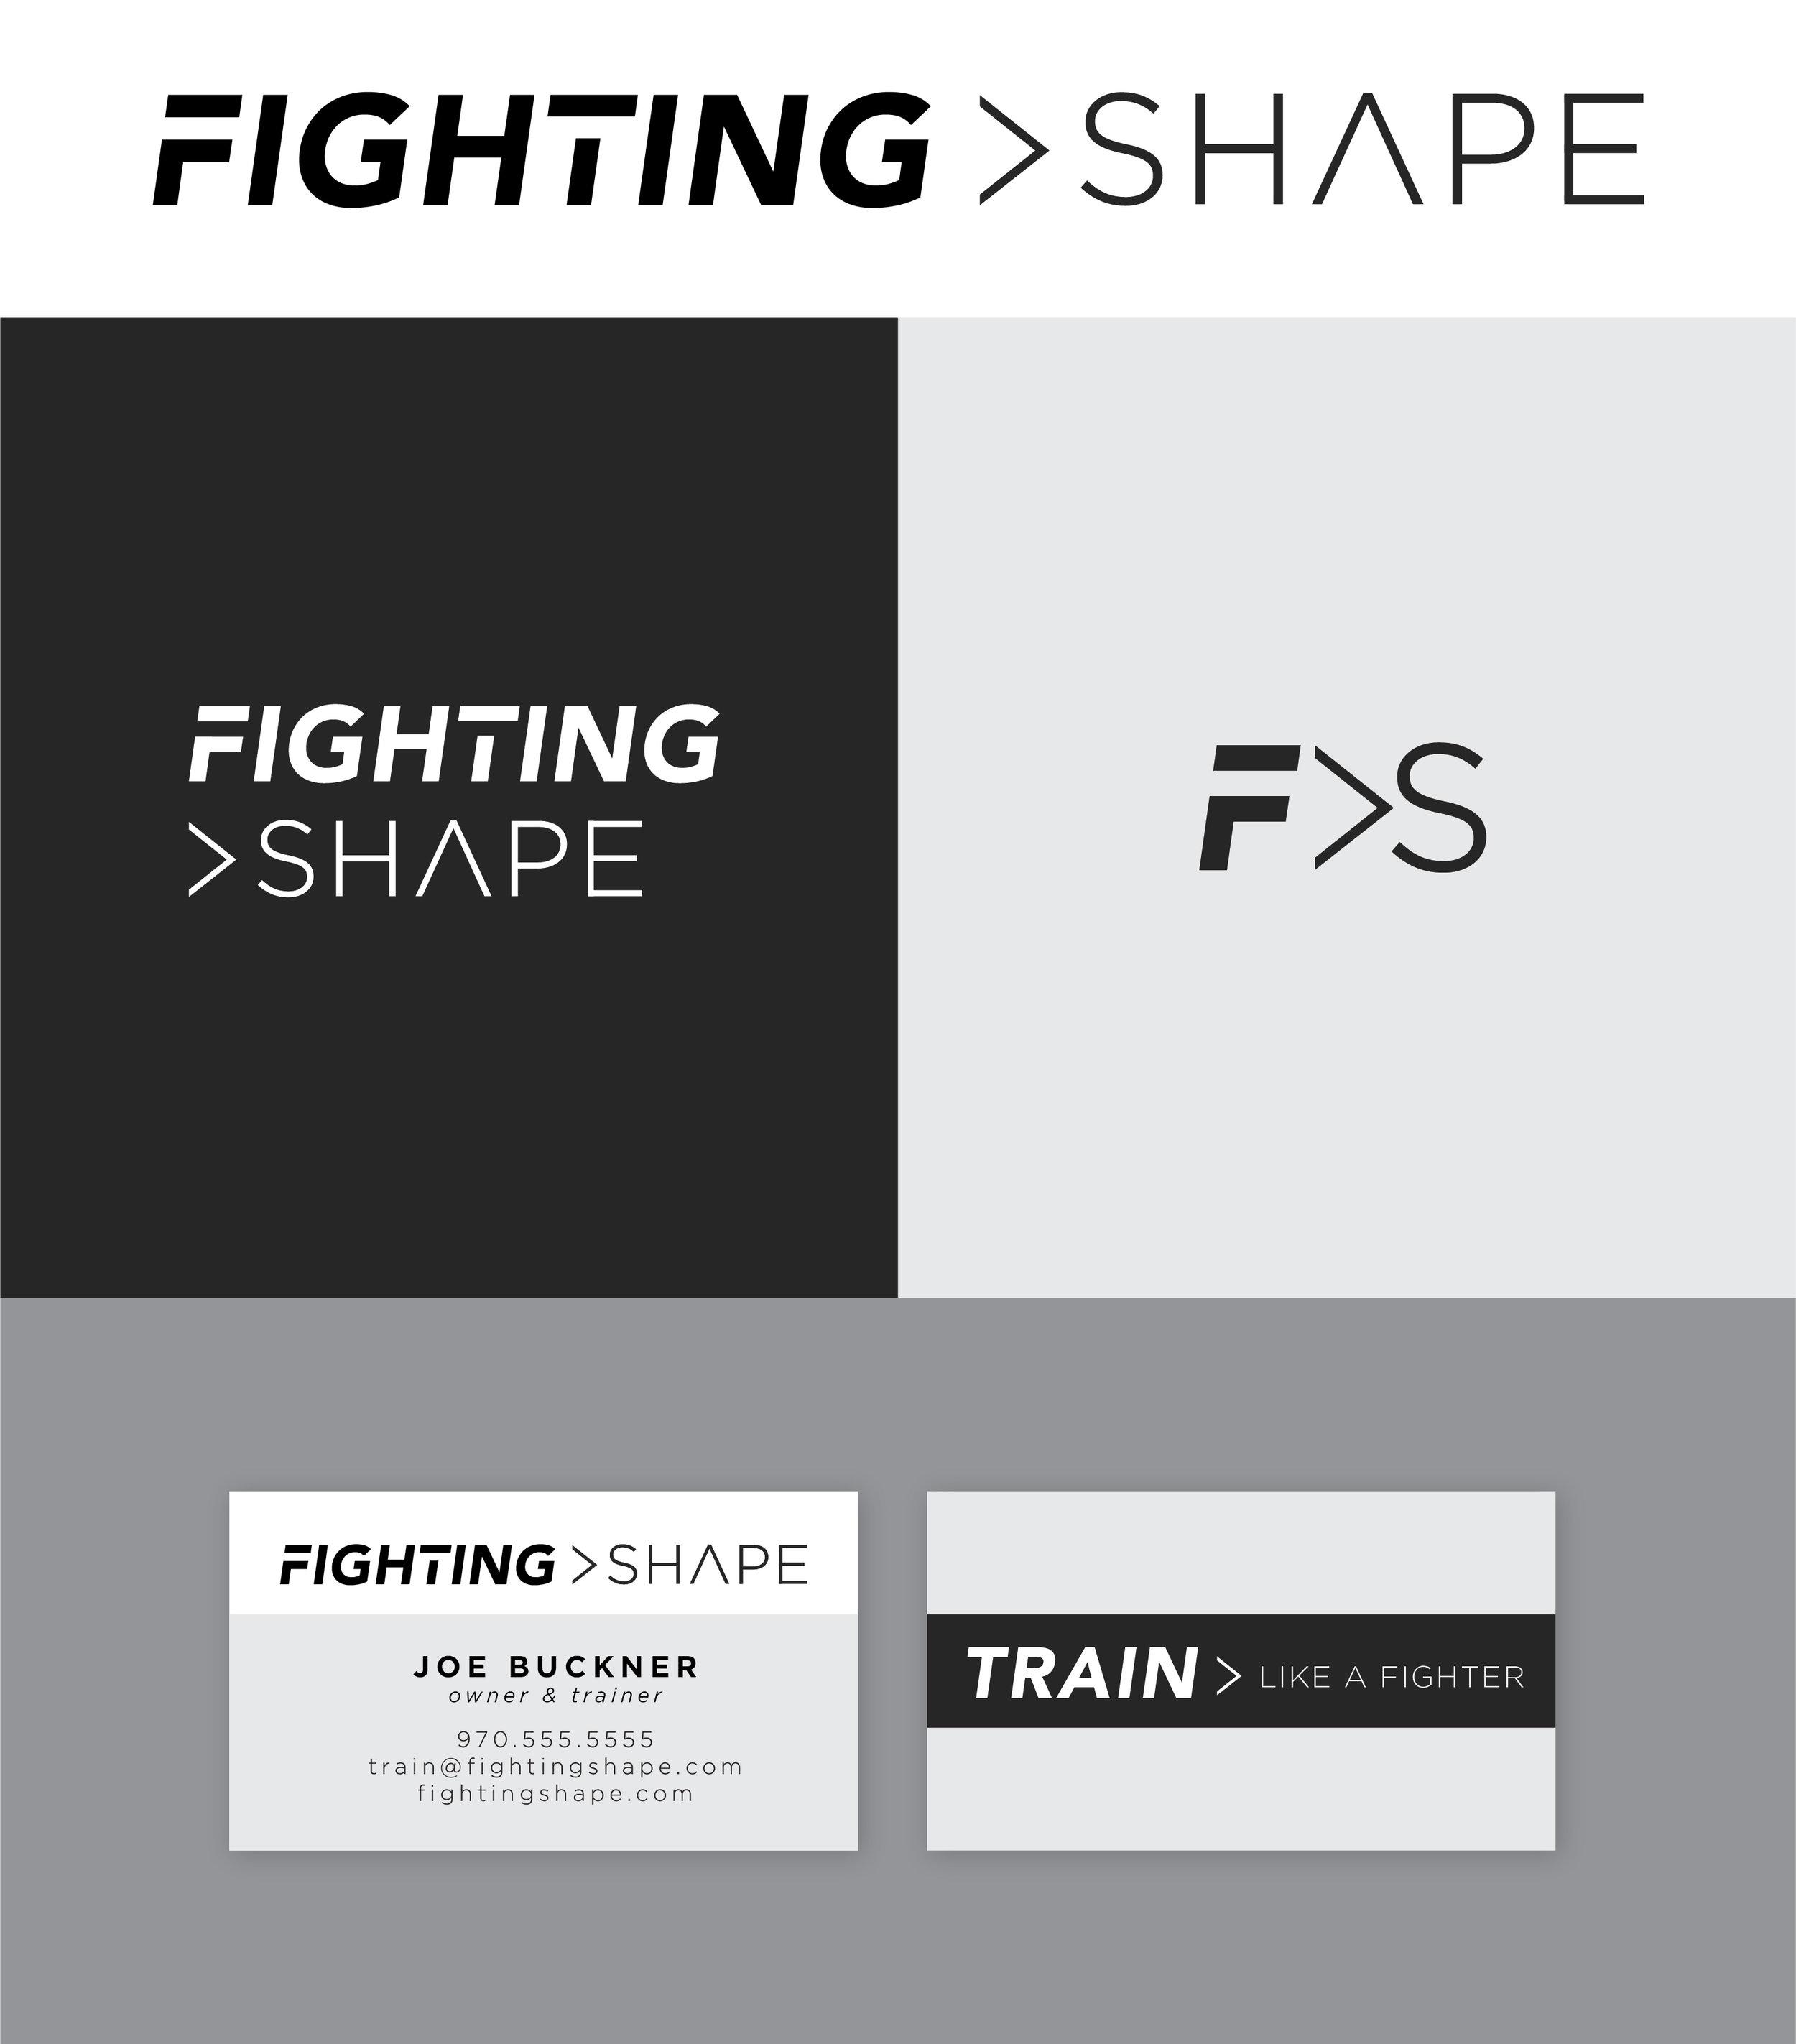 FightingShape_FirstLook-03.jpg